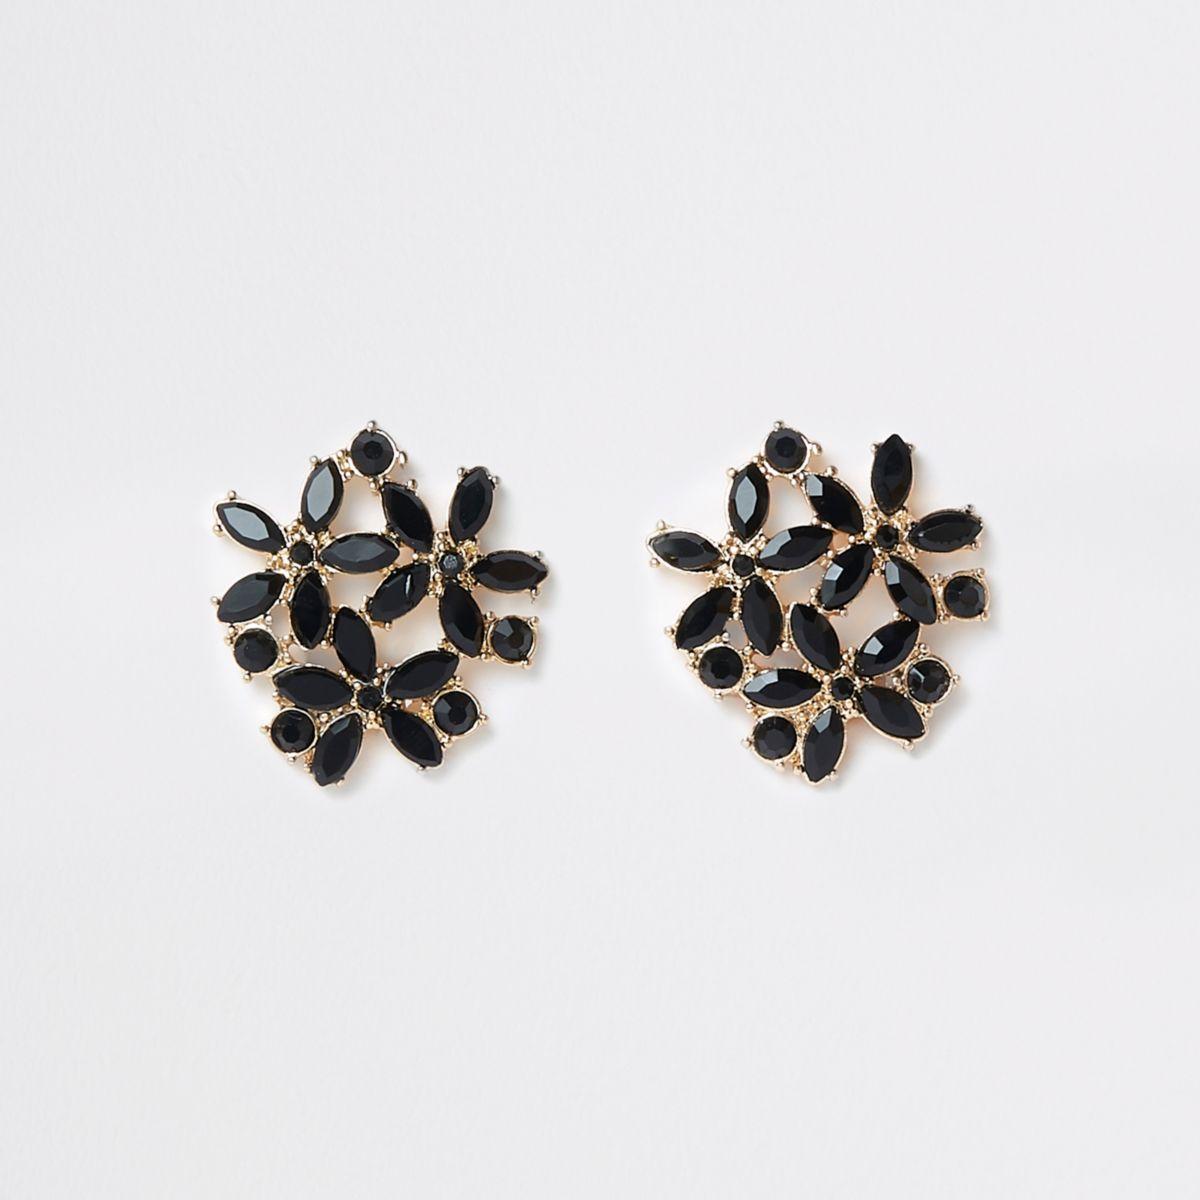 Goldene Clip-Ohrringe mit schwarzen Schmucksteinen